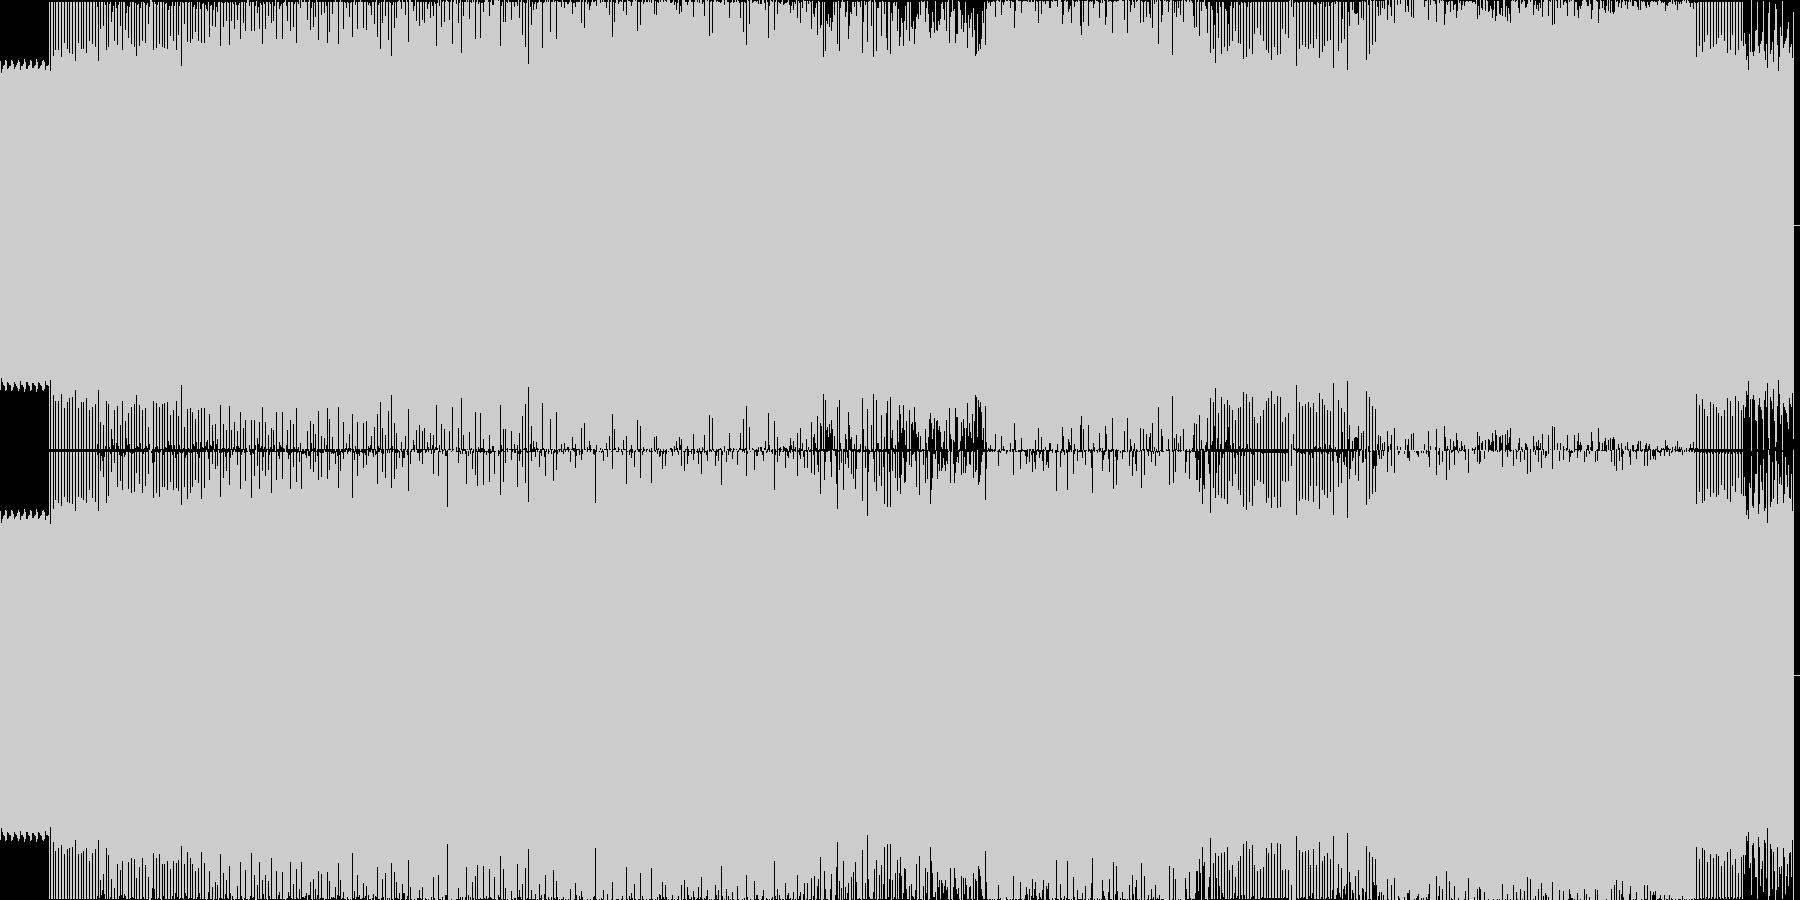 140BPMの疾走感のある長めのテクノの未再生の波形